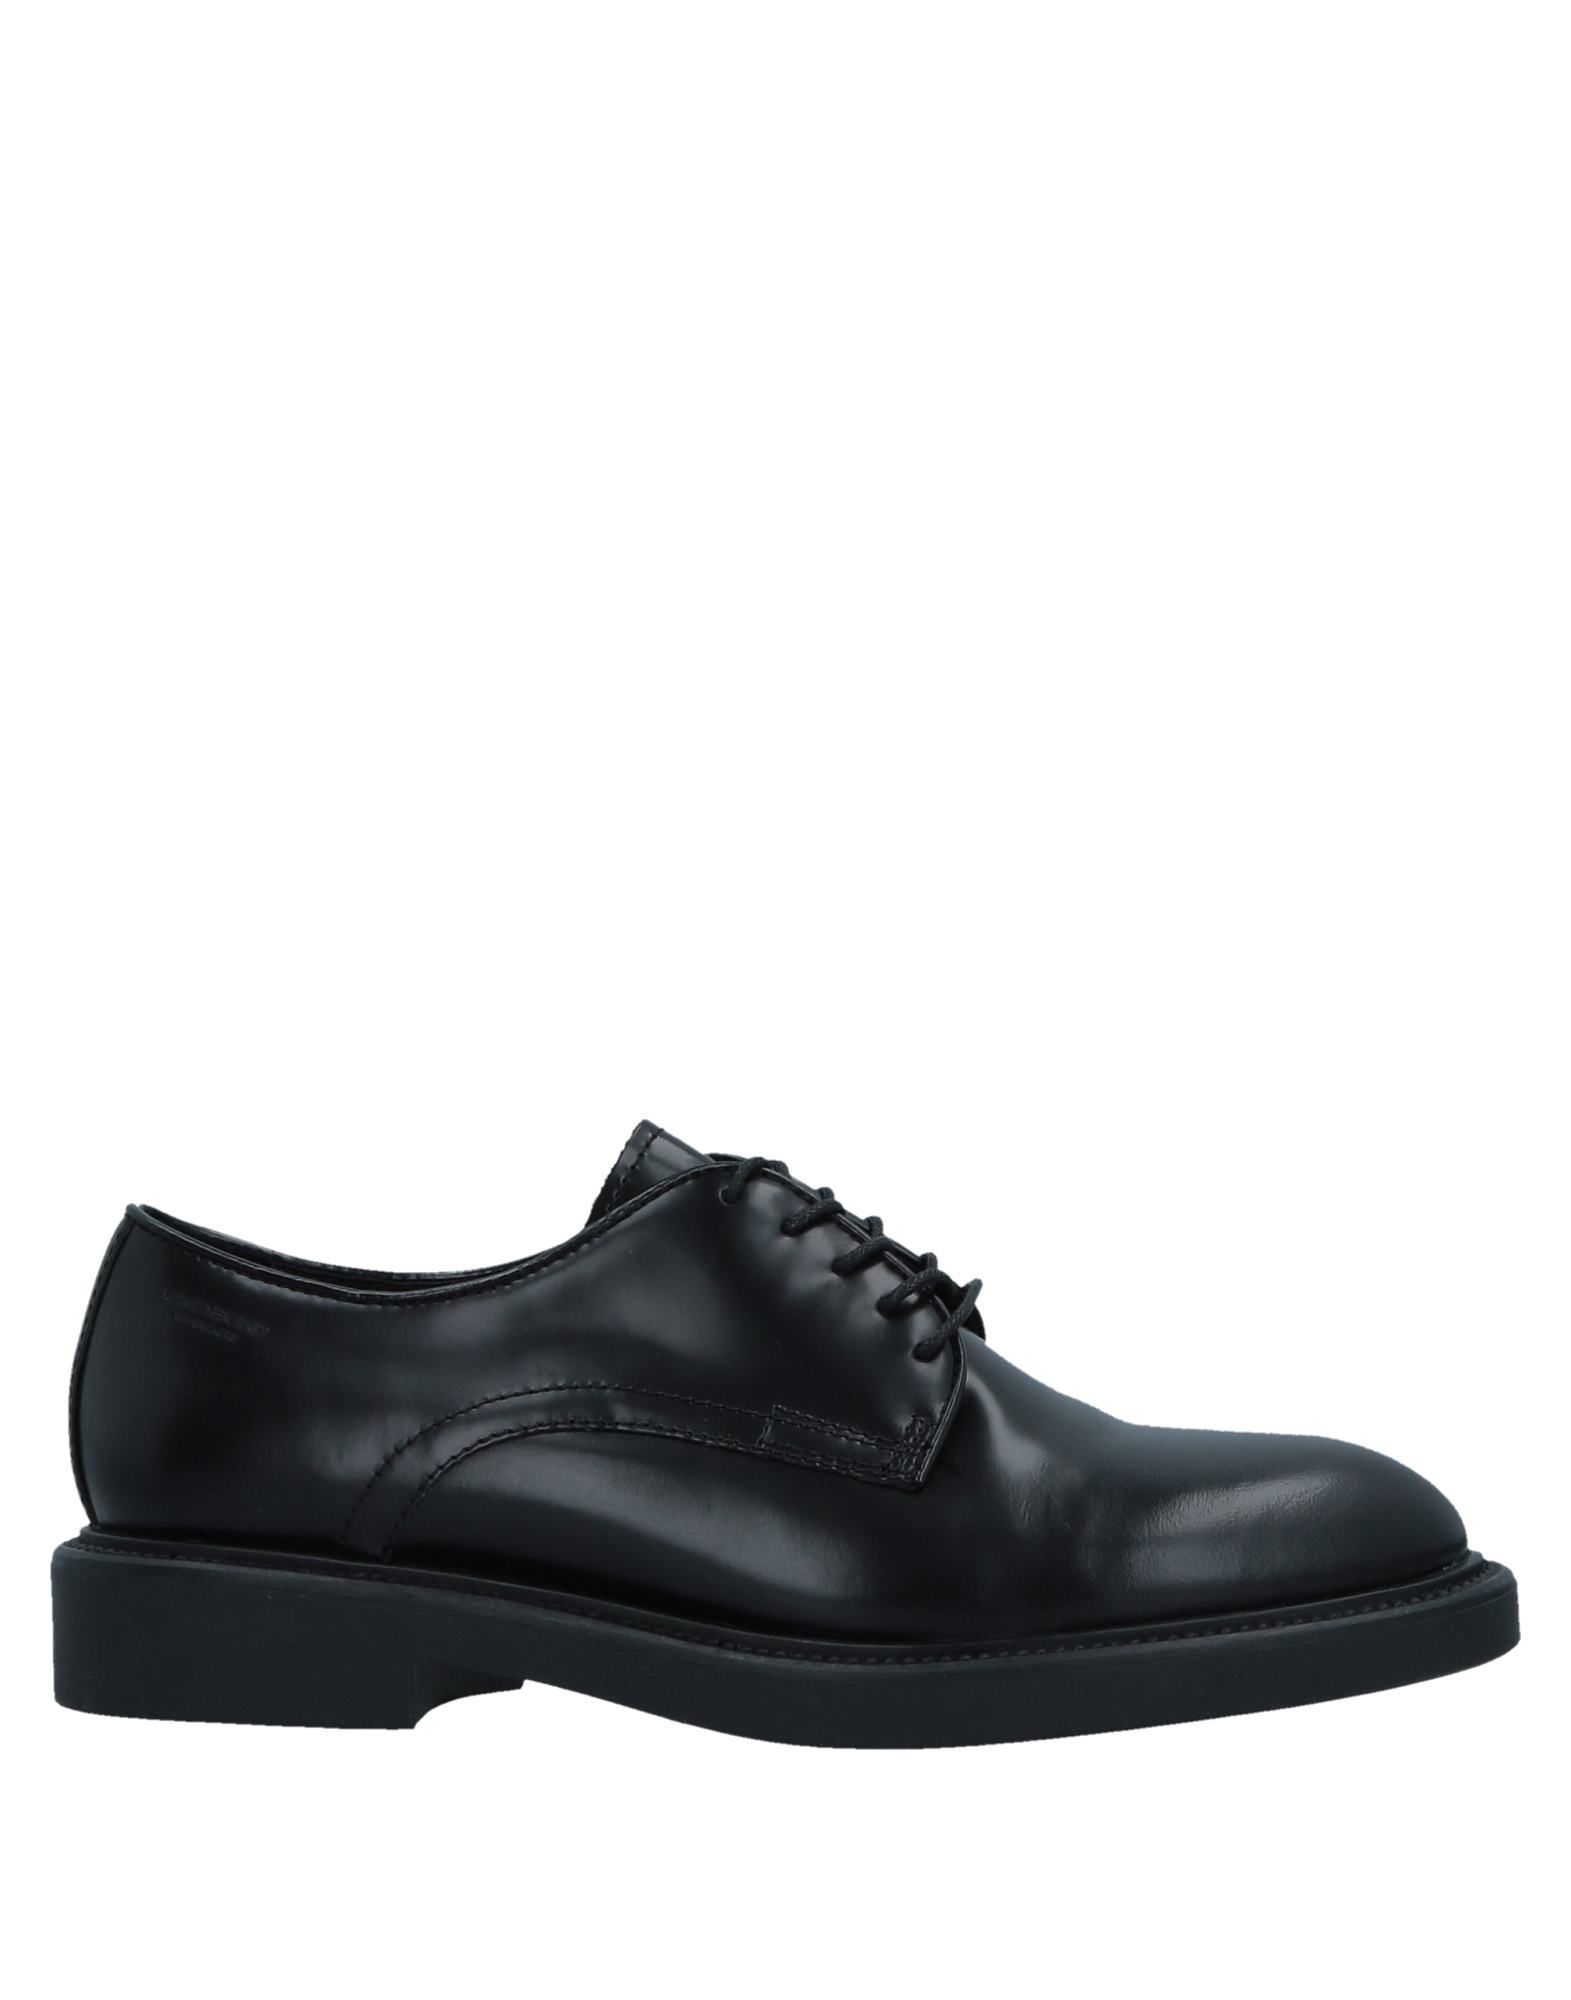 Stringate Vagabond Vagabond Stringate Shoemakers Donna - 11522740CI e23d65